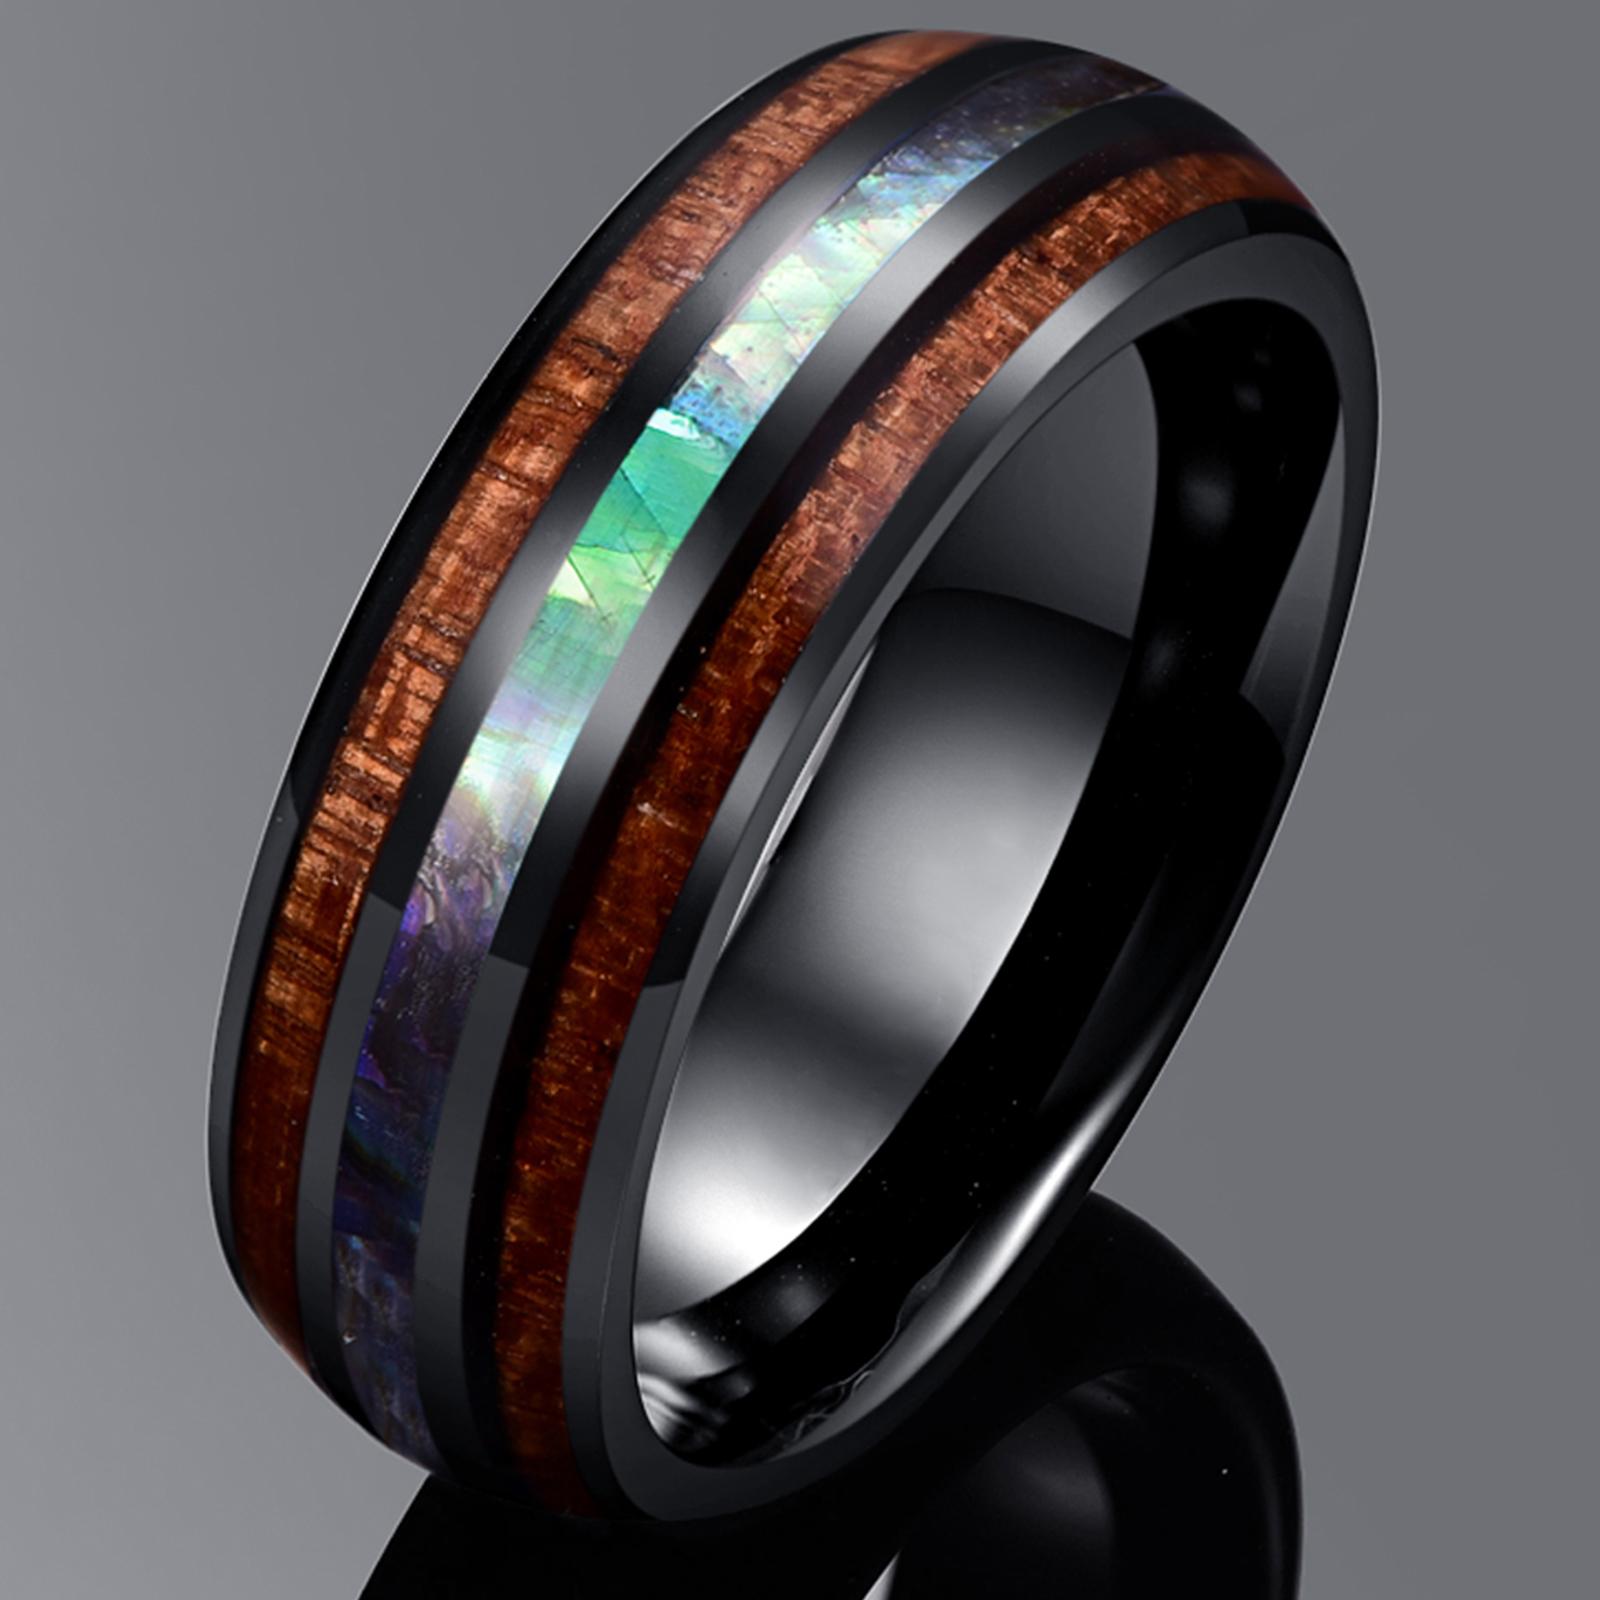 Bijoux anneau bague homme effet carbone en carbure de tungstène style bois et opale incrustée